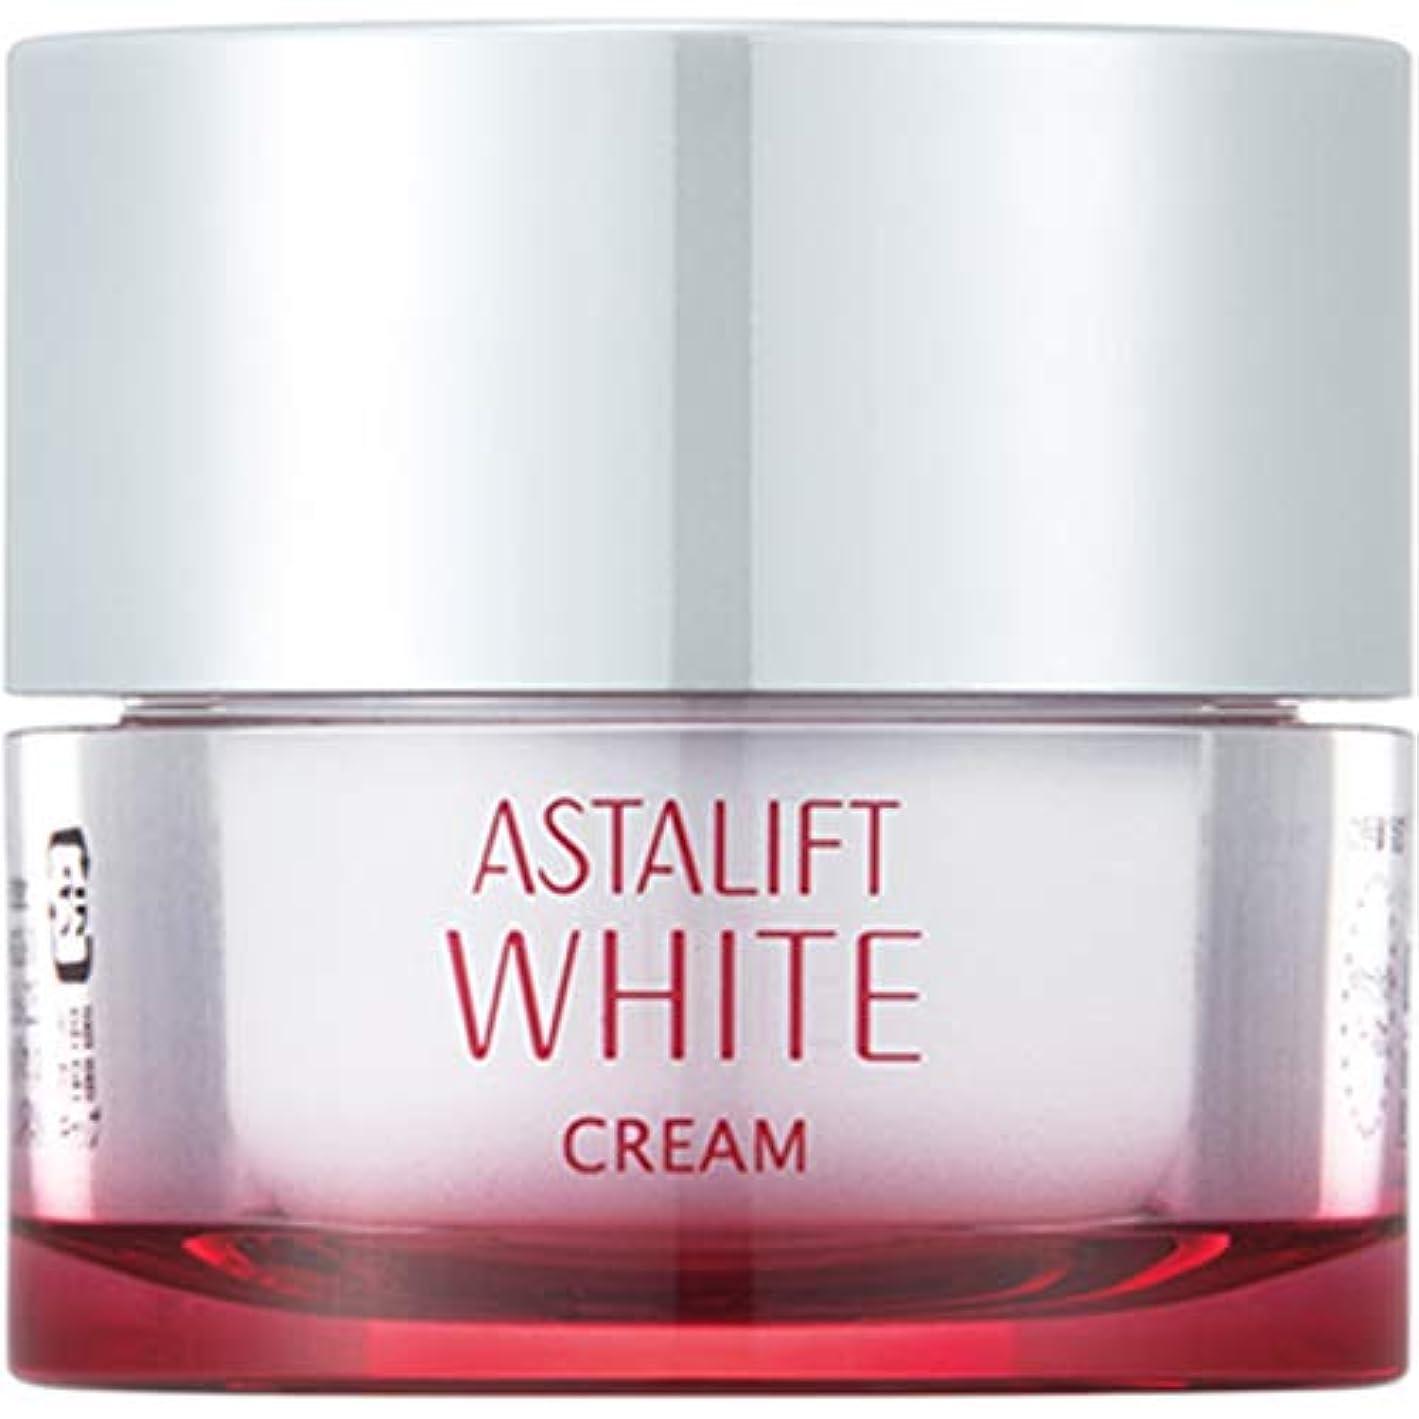 お手伝いさん変更可能信じられないASTALIFT(アスタリフト) ホワイト クリーム(美白クリーム) 30g